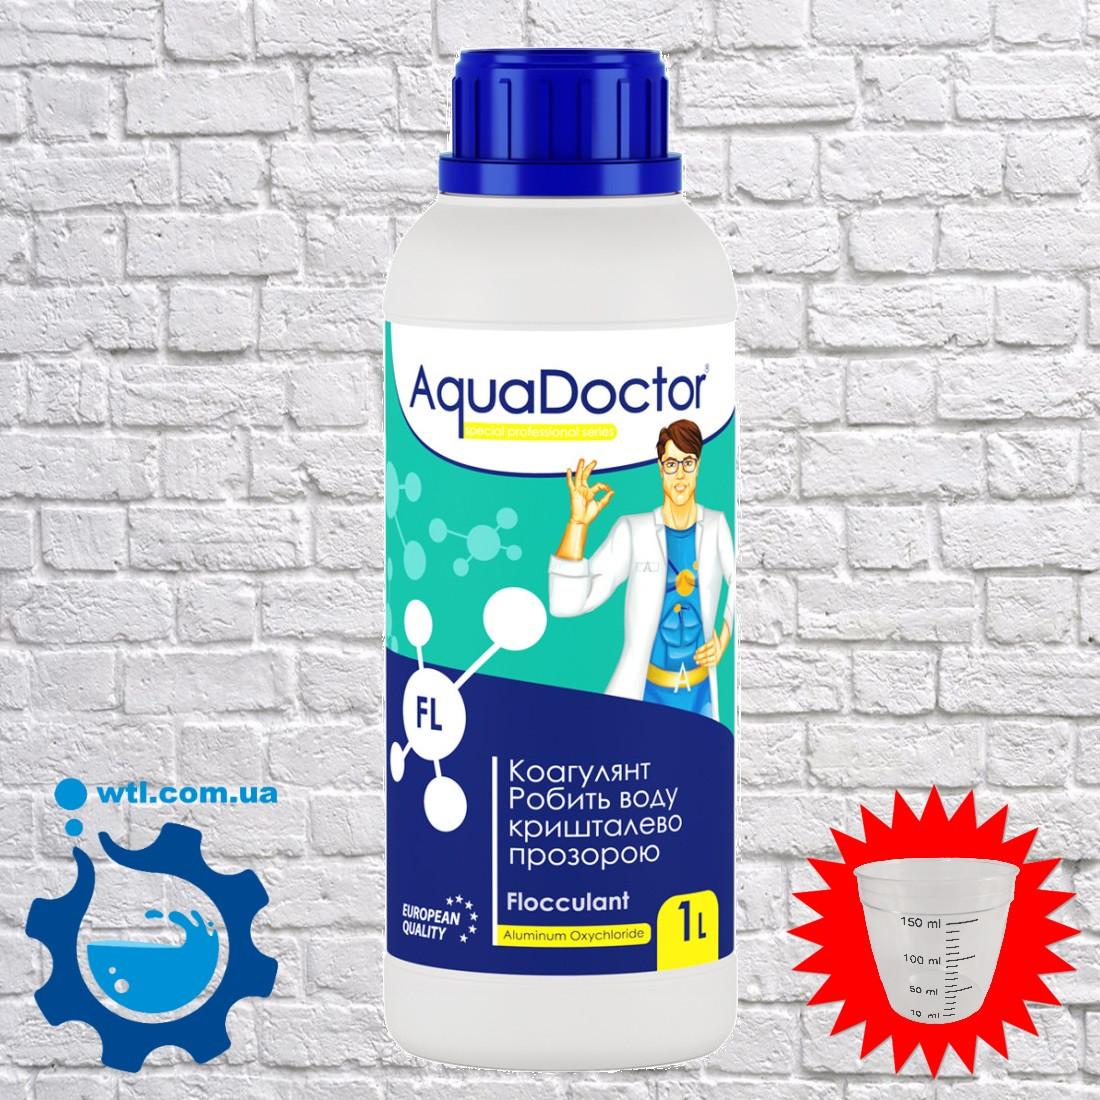 Коагулянт (флокулянт) Aquadoctor FL 1 л ЖИДКИЙ. Средство против мутности в воде. Химия для бассейна Аквадоктор